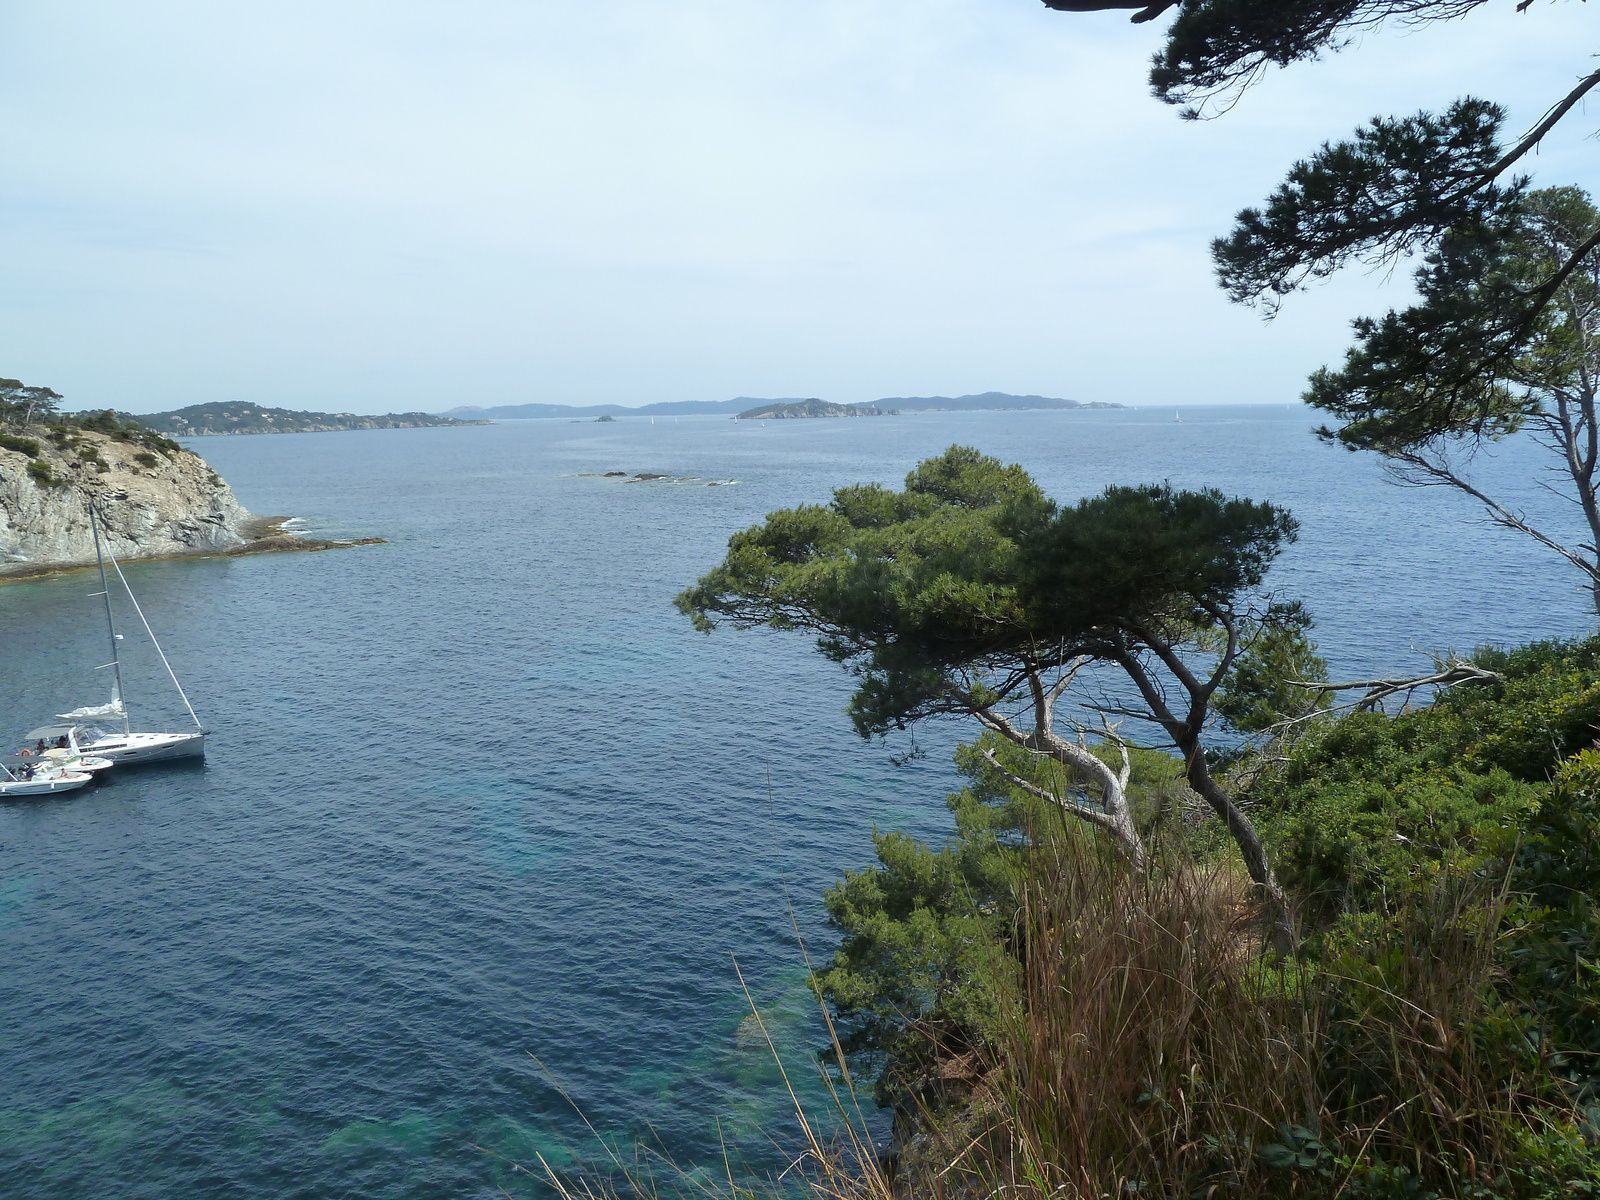 La Pointe du Pignet, au large sur la deuxième photo, l'Ecueil de Nidan.